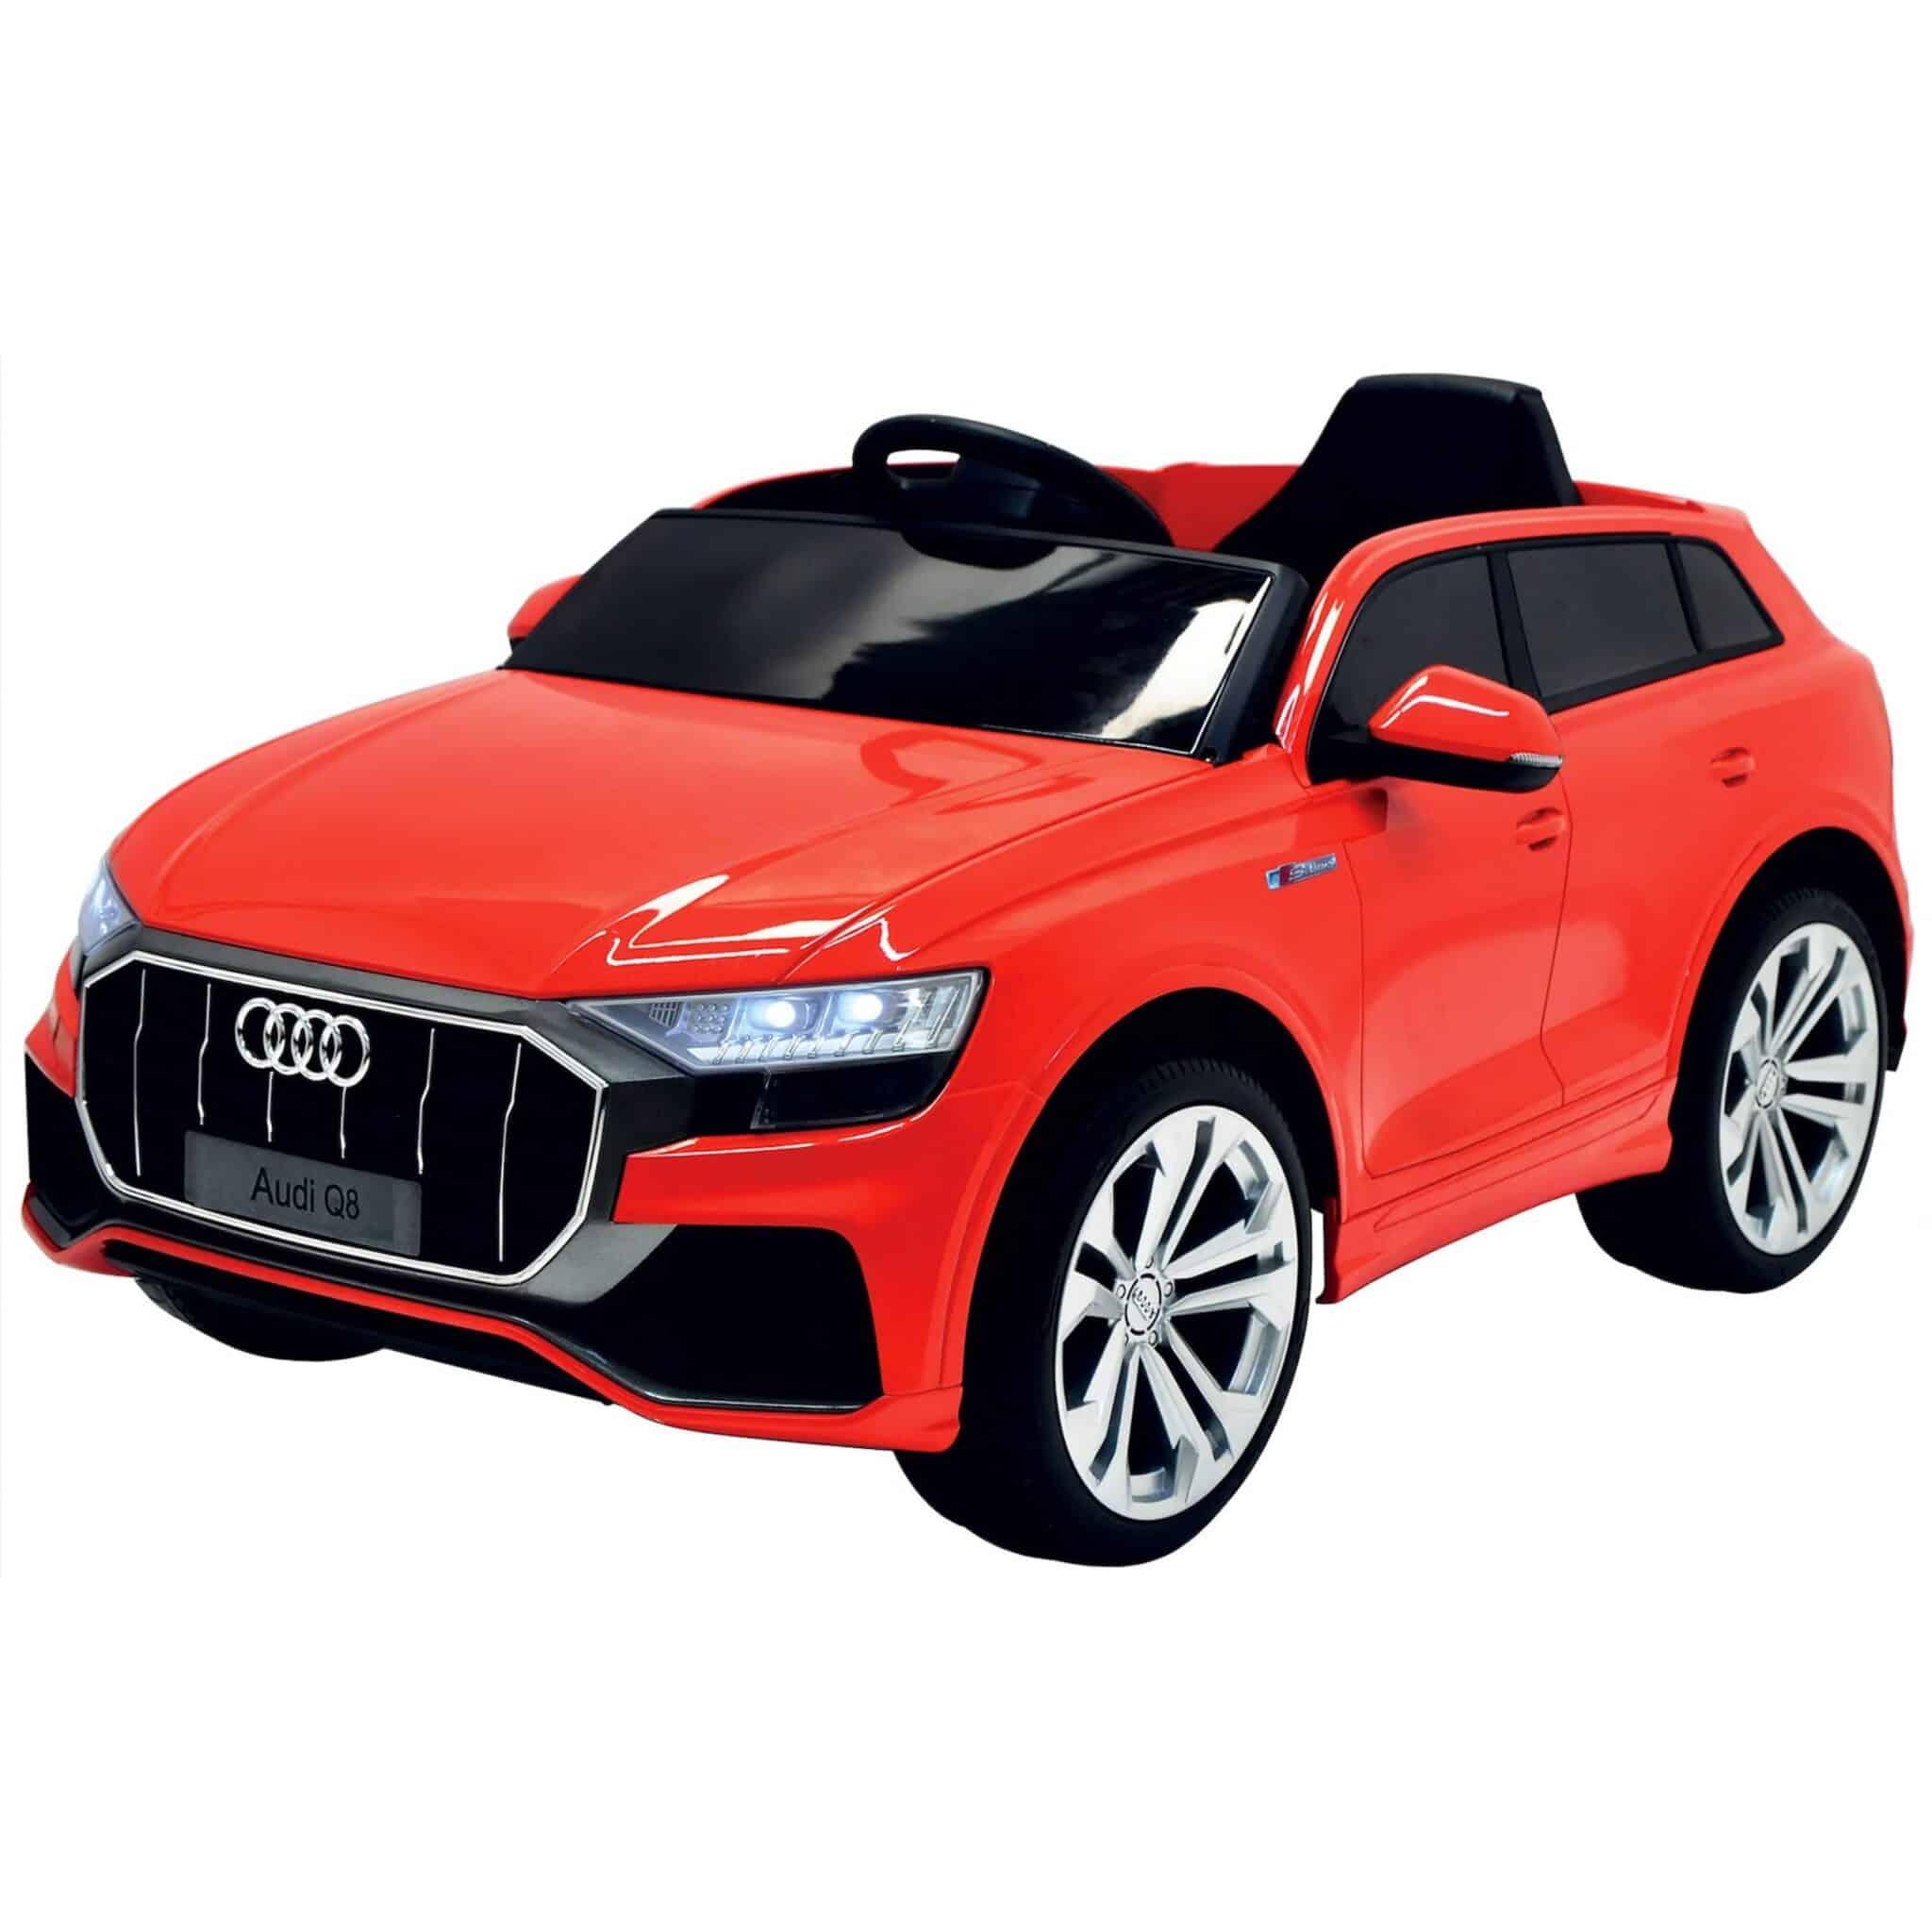 Audi Q8 Colibrì – Rossa